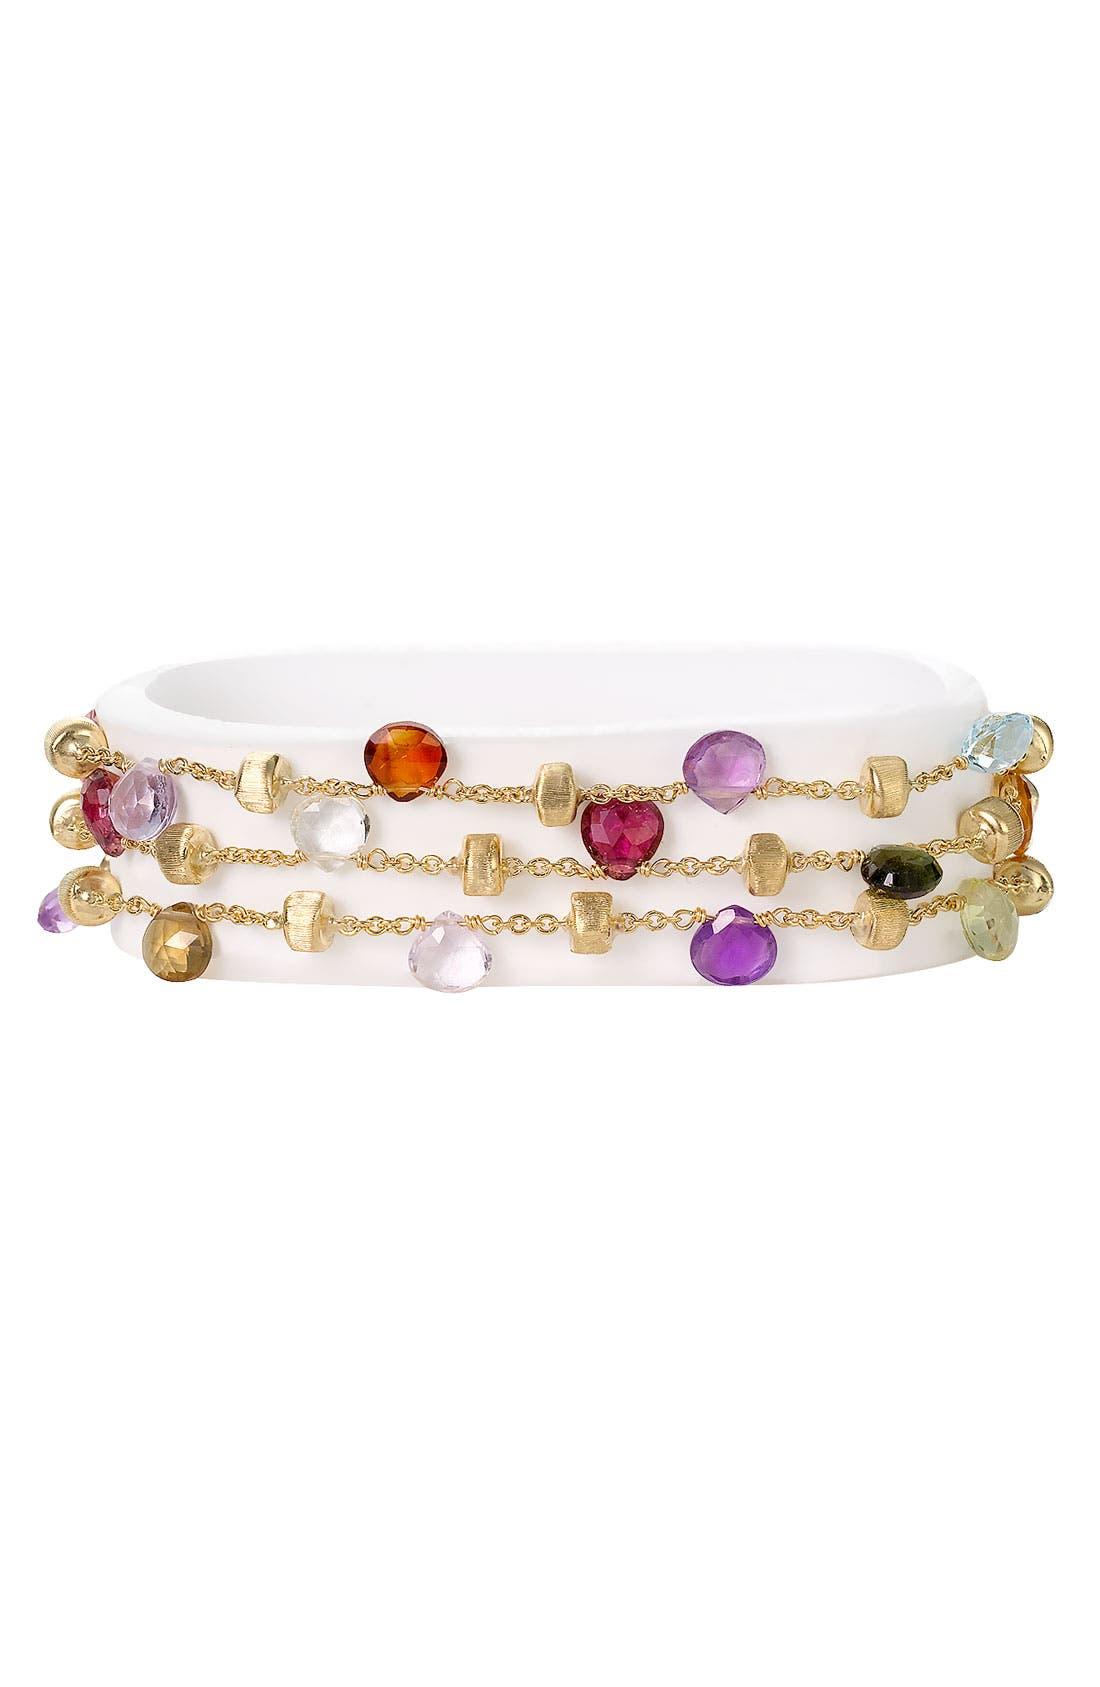 Main Image - Marco Bicego 'Paradise' Triple Strand Bracelet